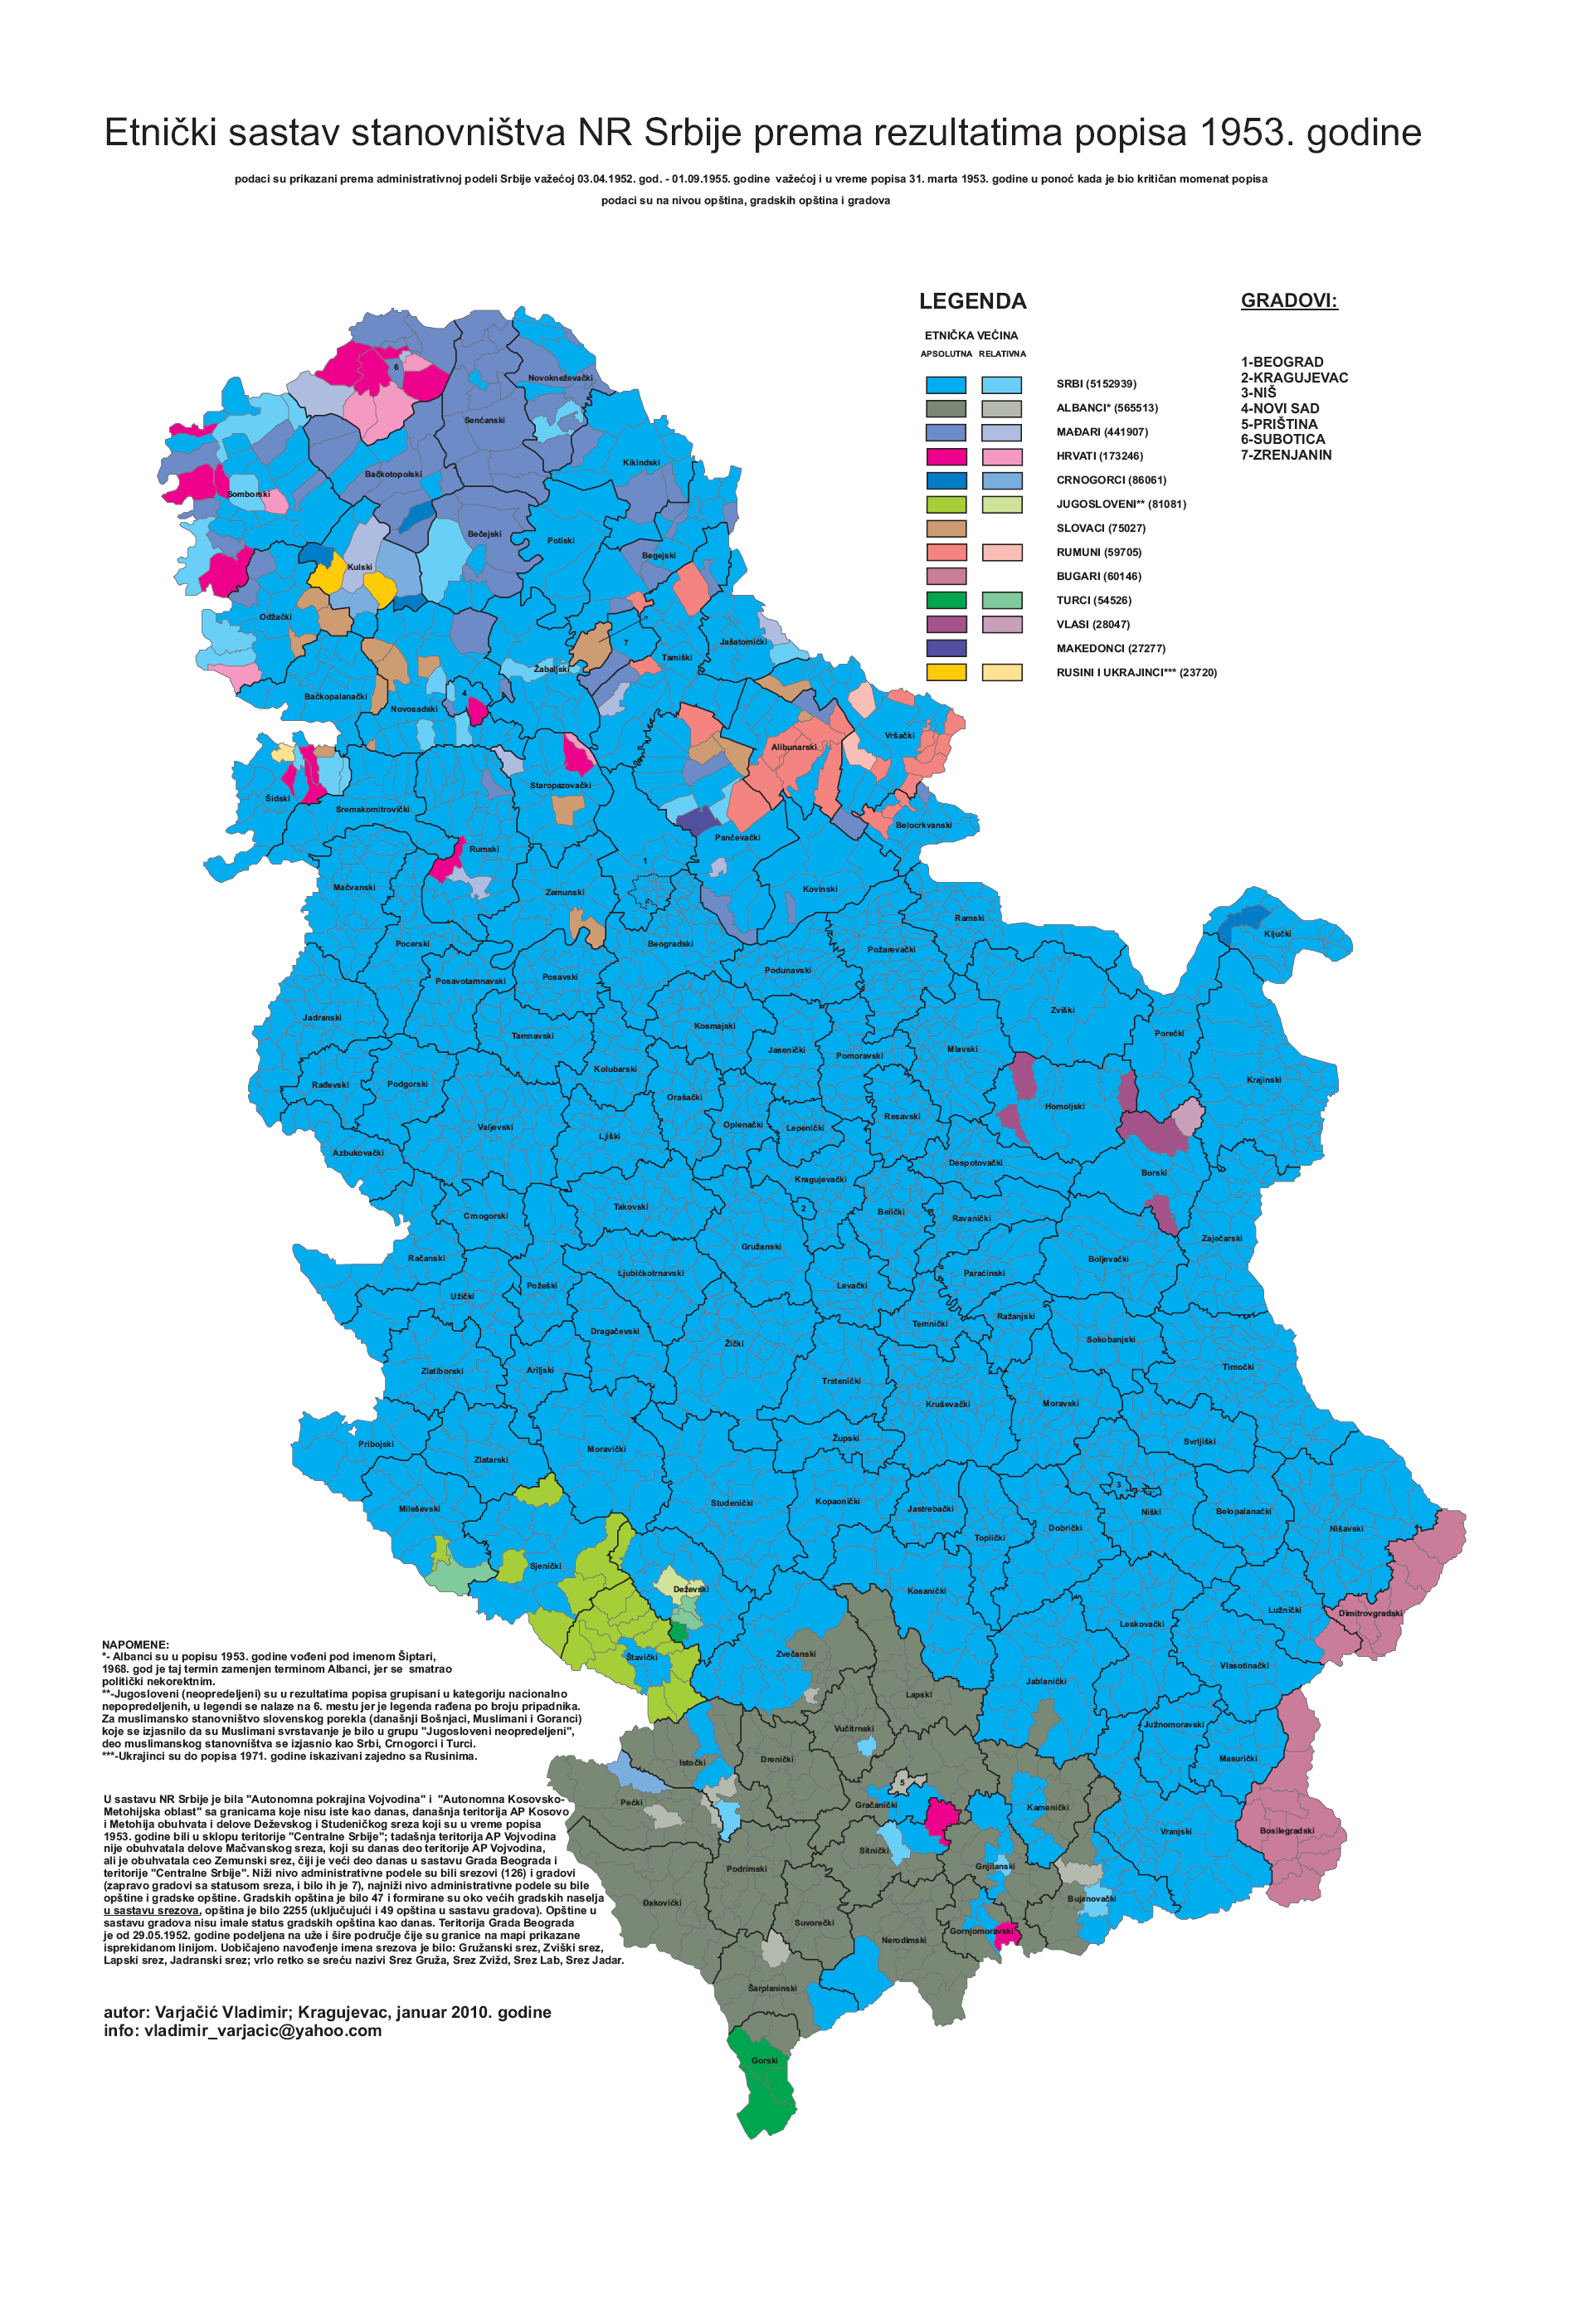 karta srbije 2011 Датотека:Srbijaetno53.png — Vikipedija, slobodna enciklopedija karta srbije 2011